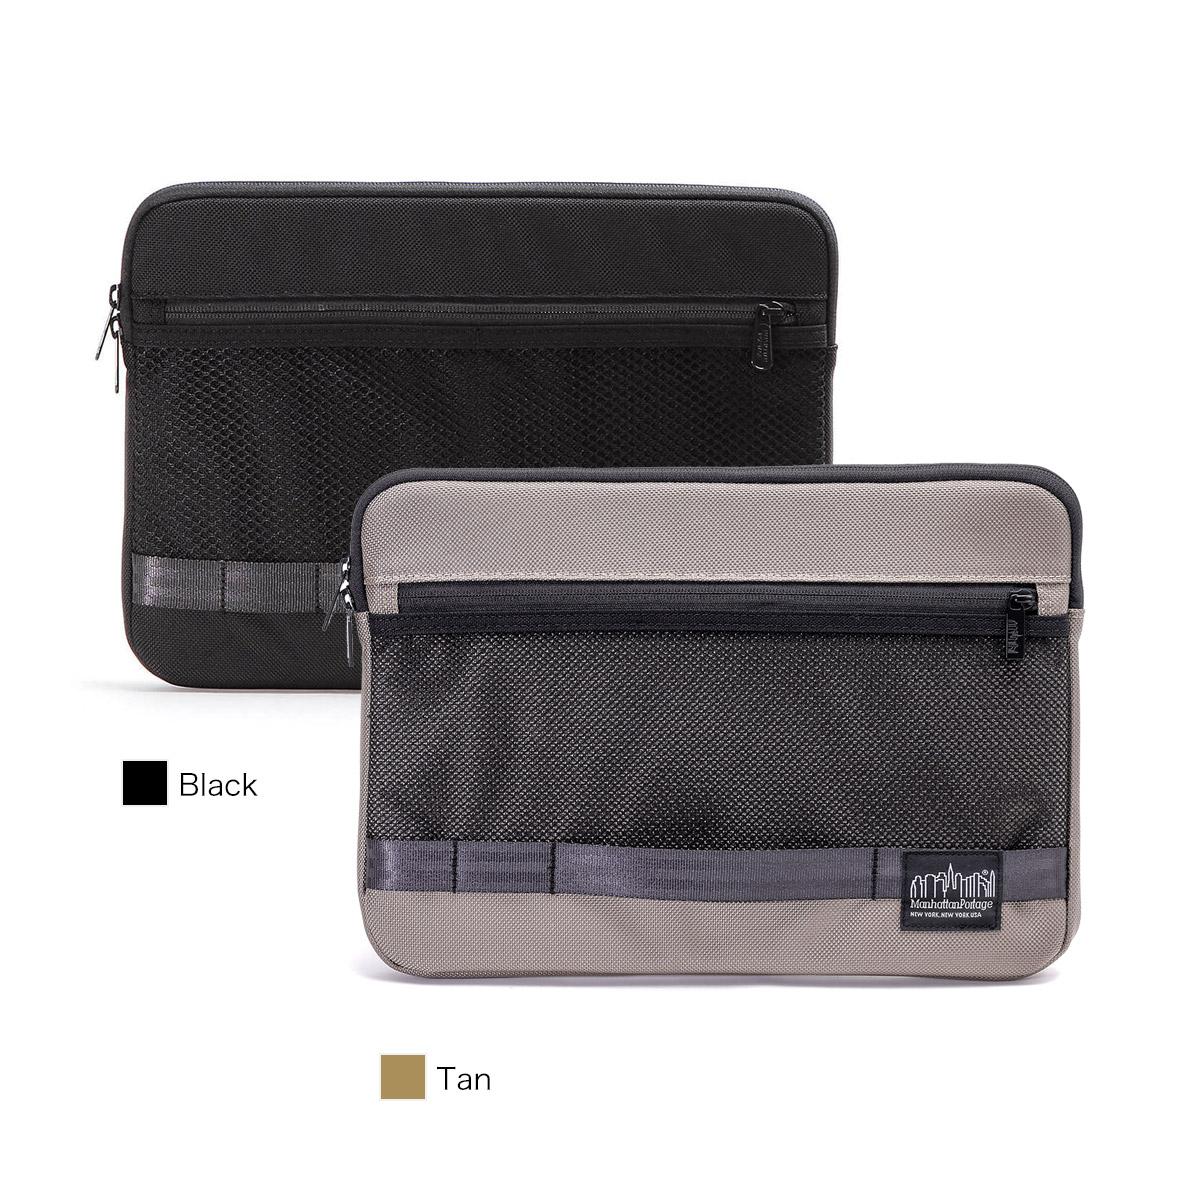 【正規販売店】マンハッタンポーテージブラックレーベル PCケース クラッチバッグ FIDI SLEEVE Manhattan Portage BLACK LABEL MP1063BL